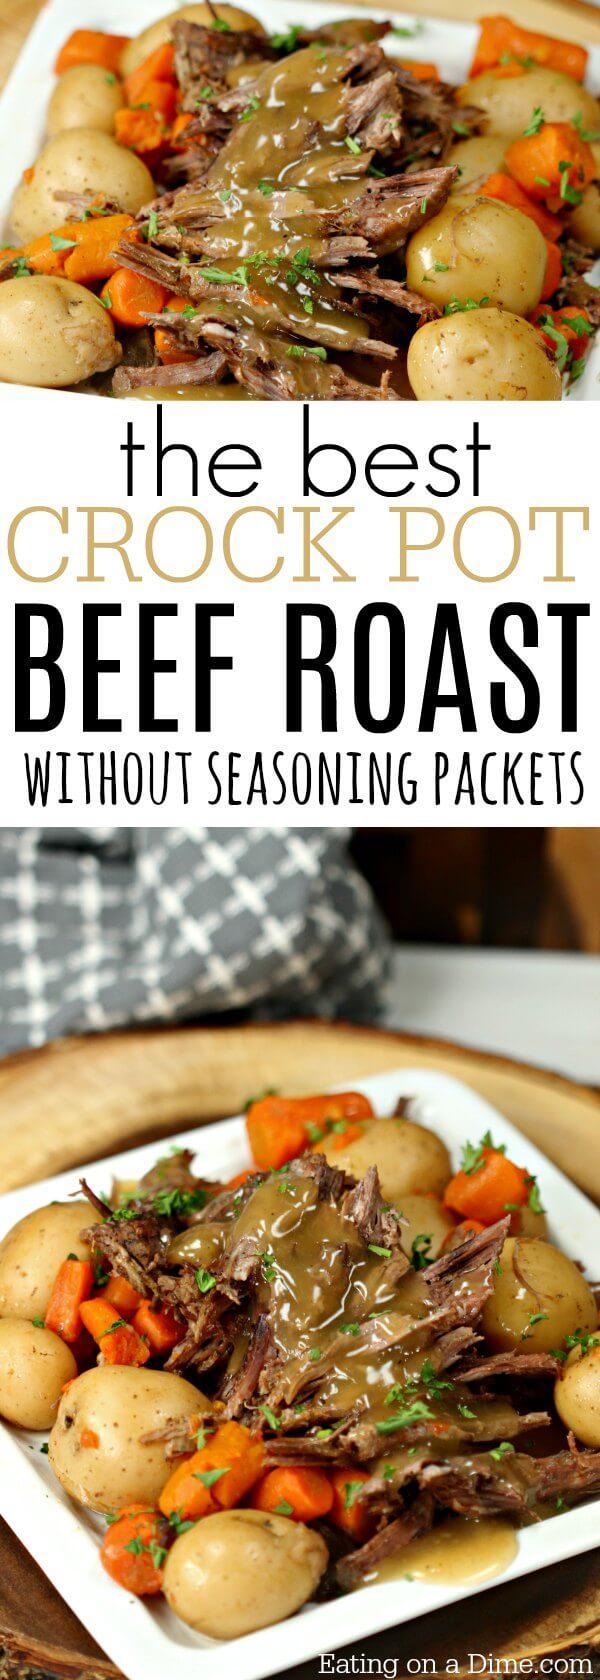 The Best Crock pot Roast Recipe - Easy Crock Pot Roast Recipe